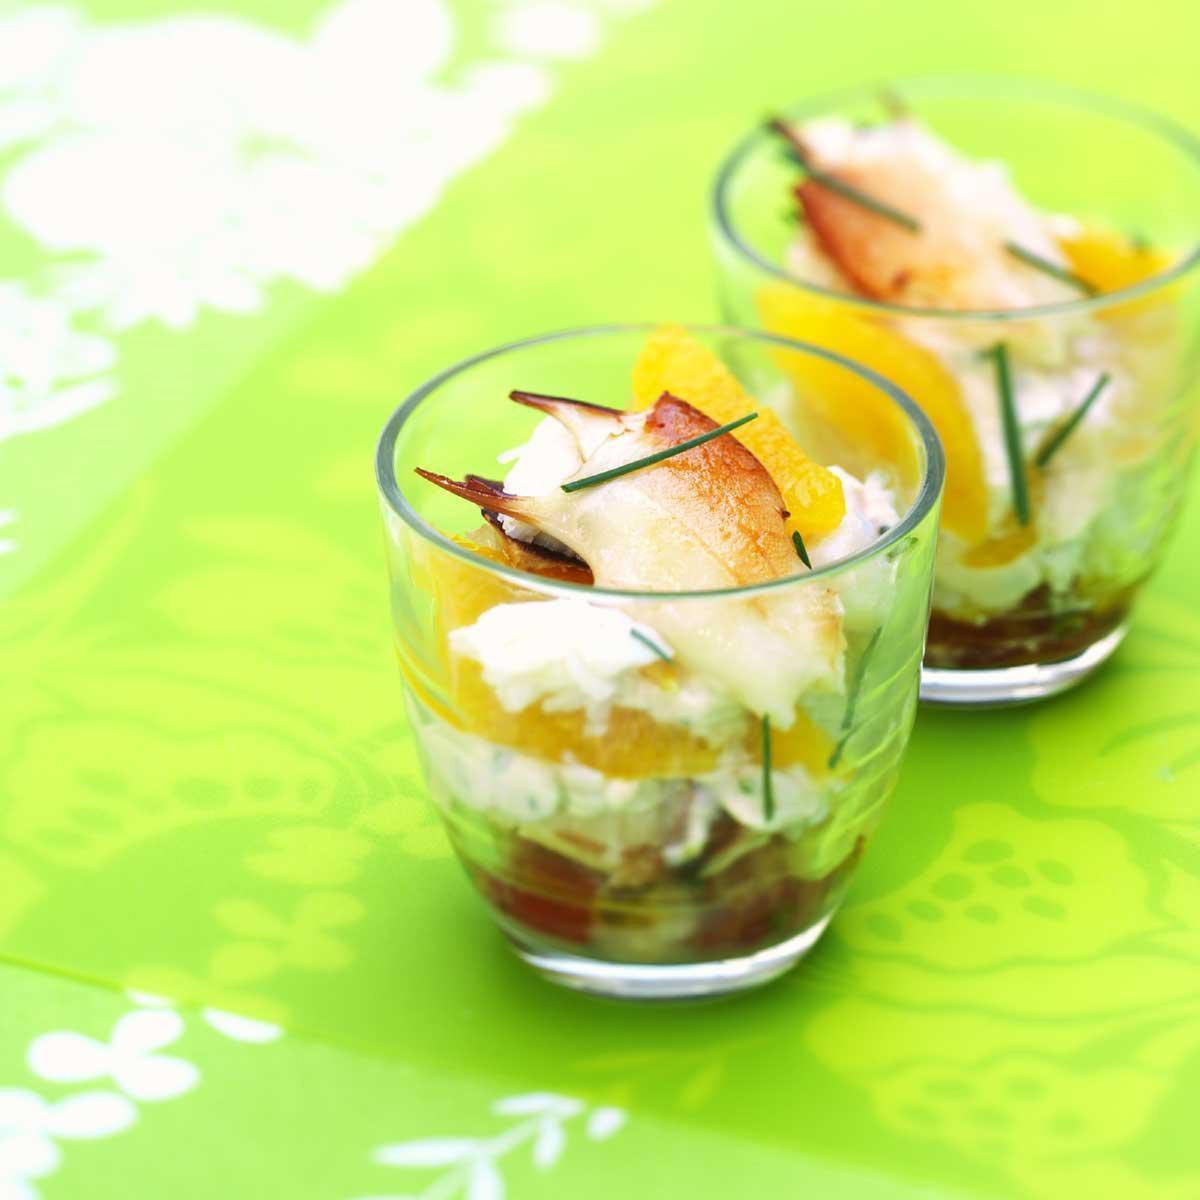 Recette verrines de tourteaux cuisine madame figaro - Madame figaro cuisine ...